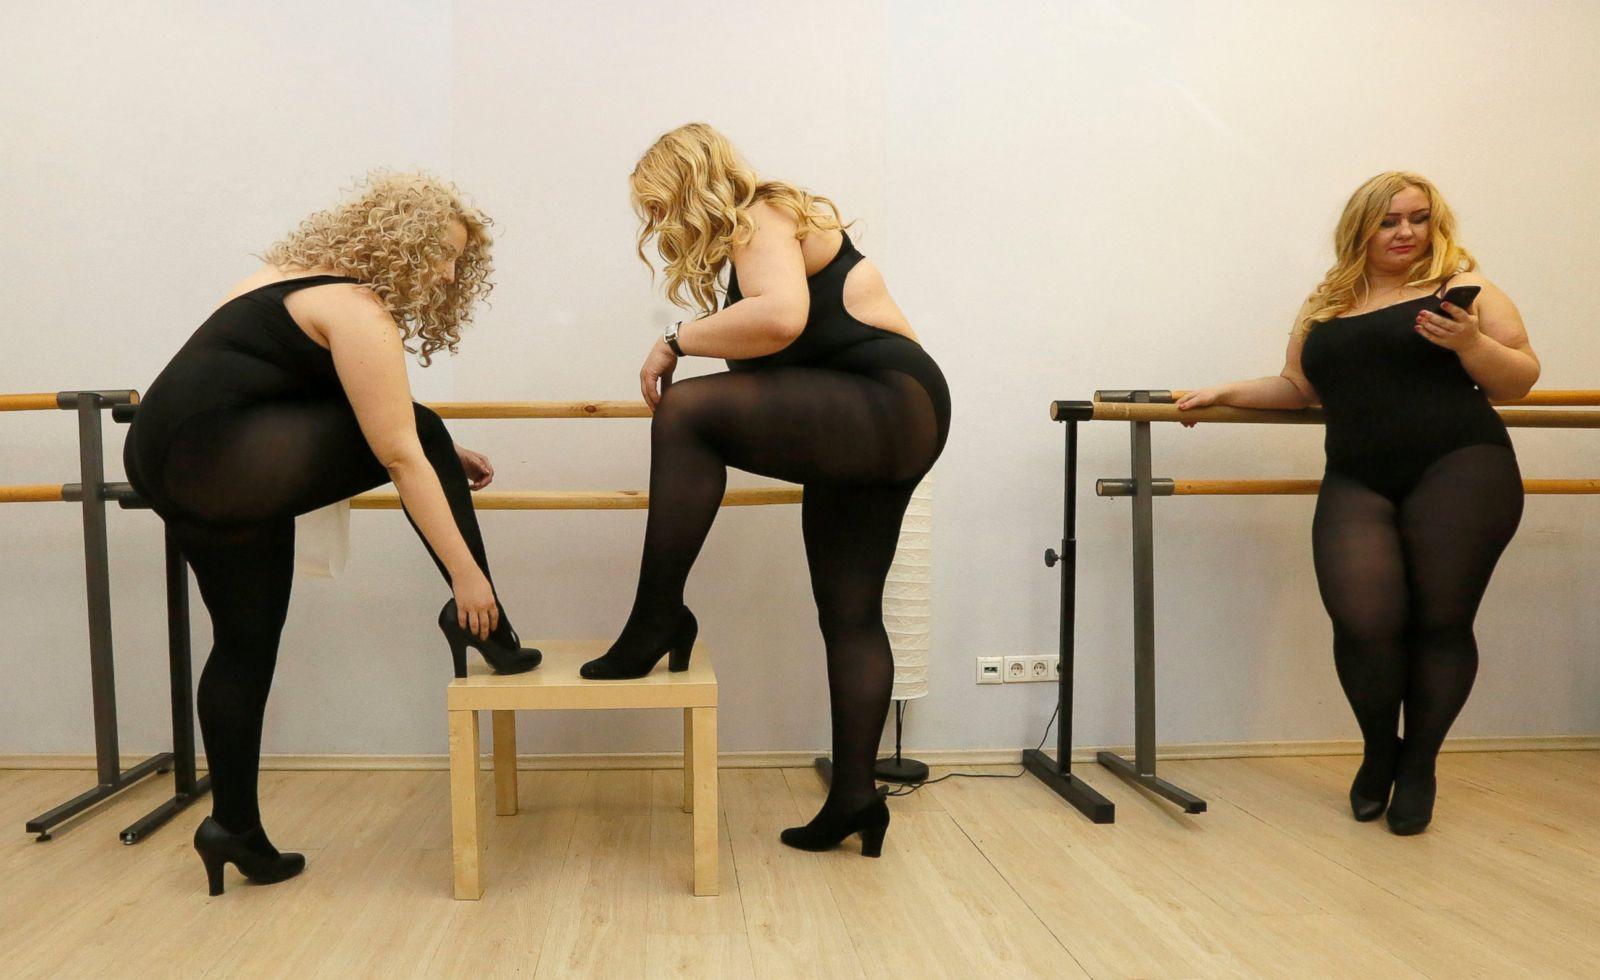 Толстушки в сексе фото, Голые толстушки на фото - девушки пышечки и толстые 23 фотография